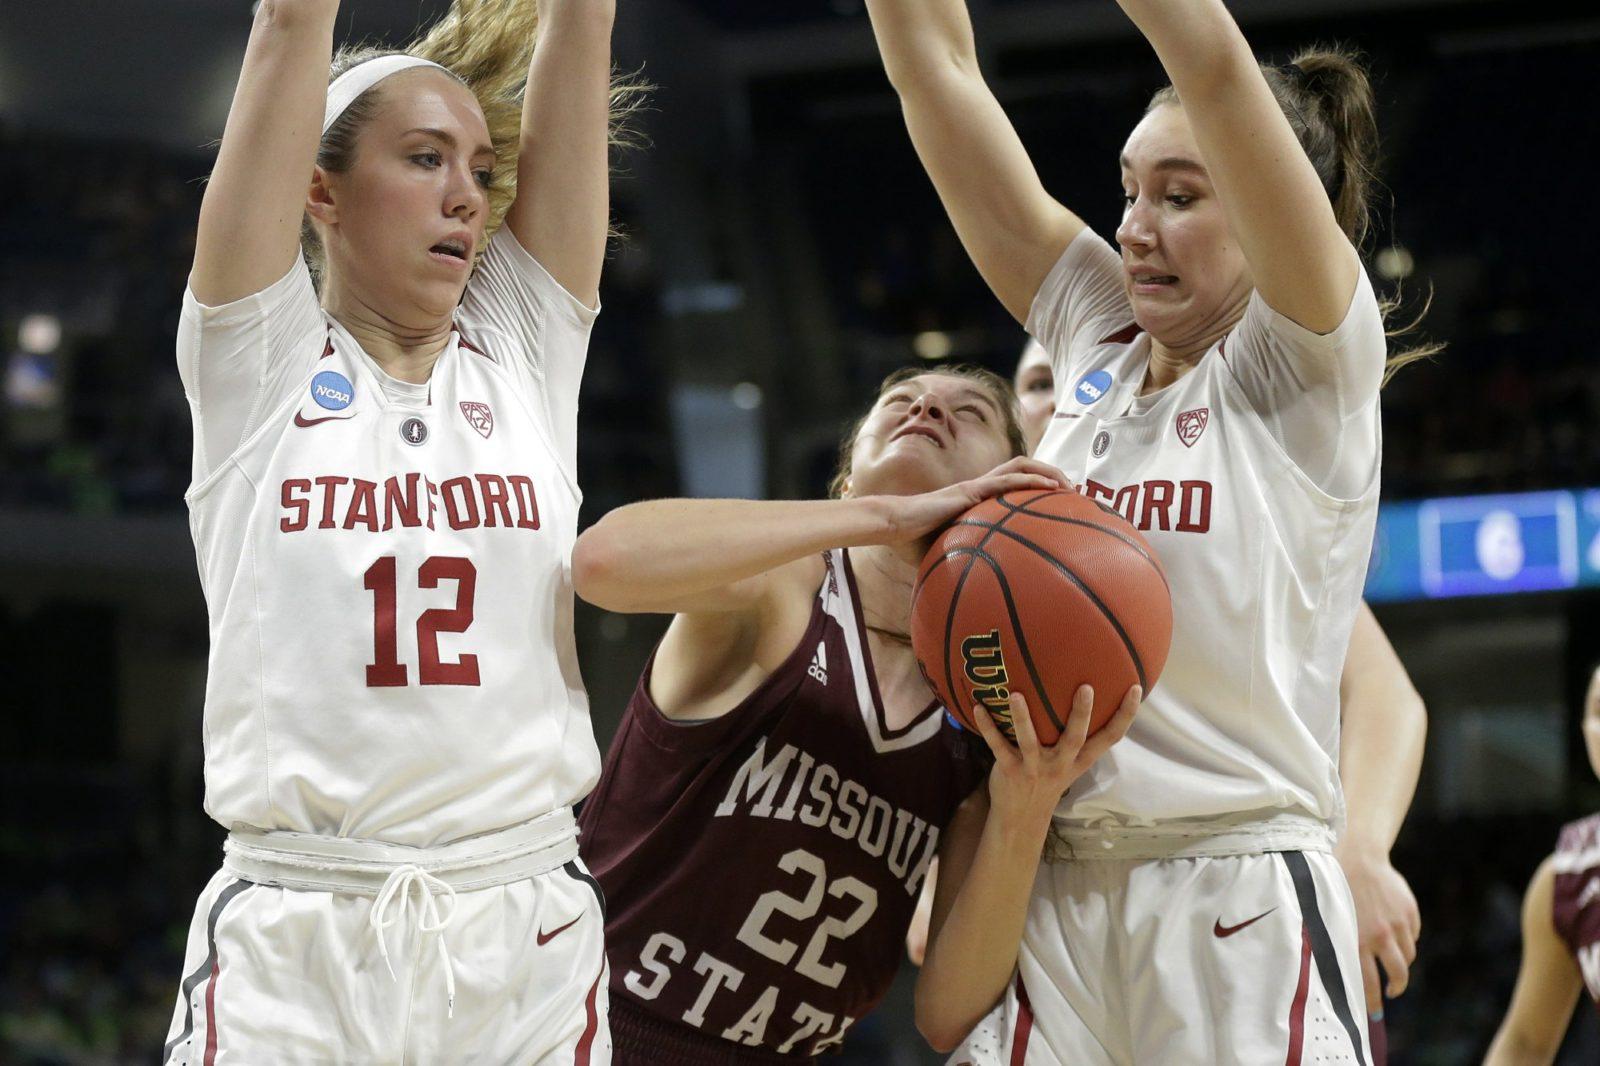 Stanford, Missouri State